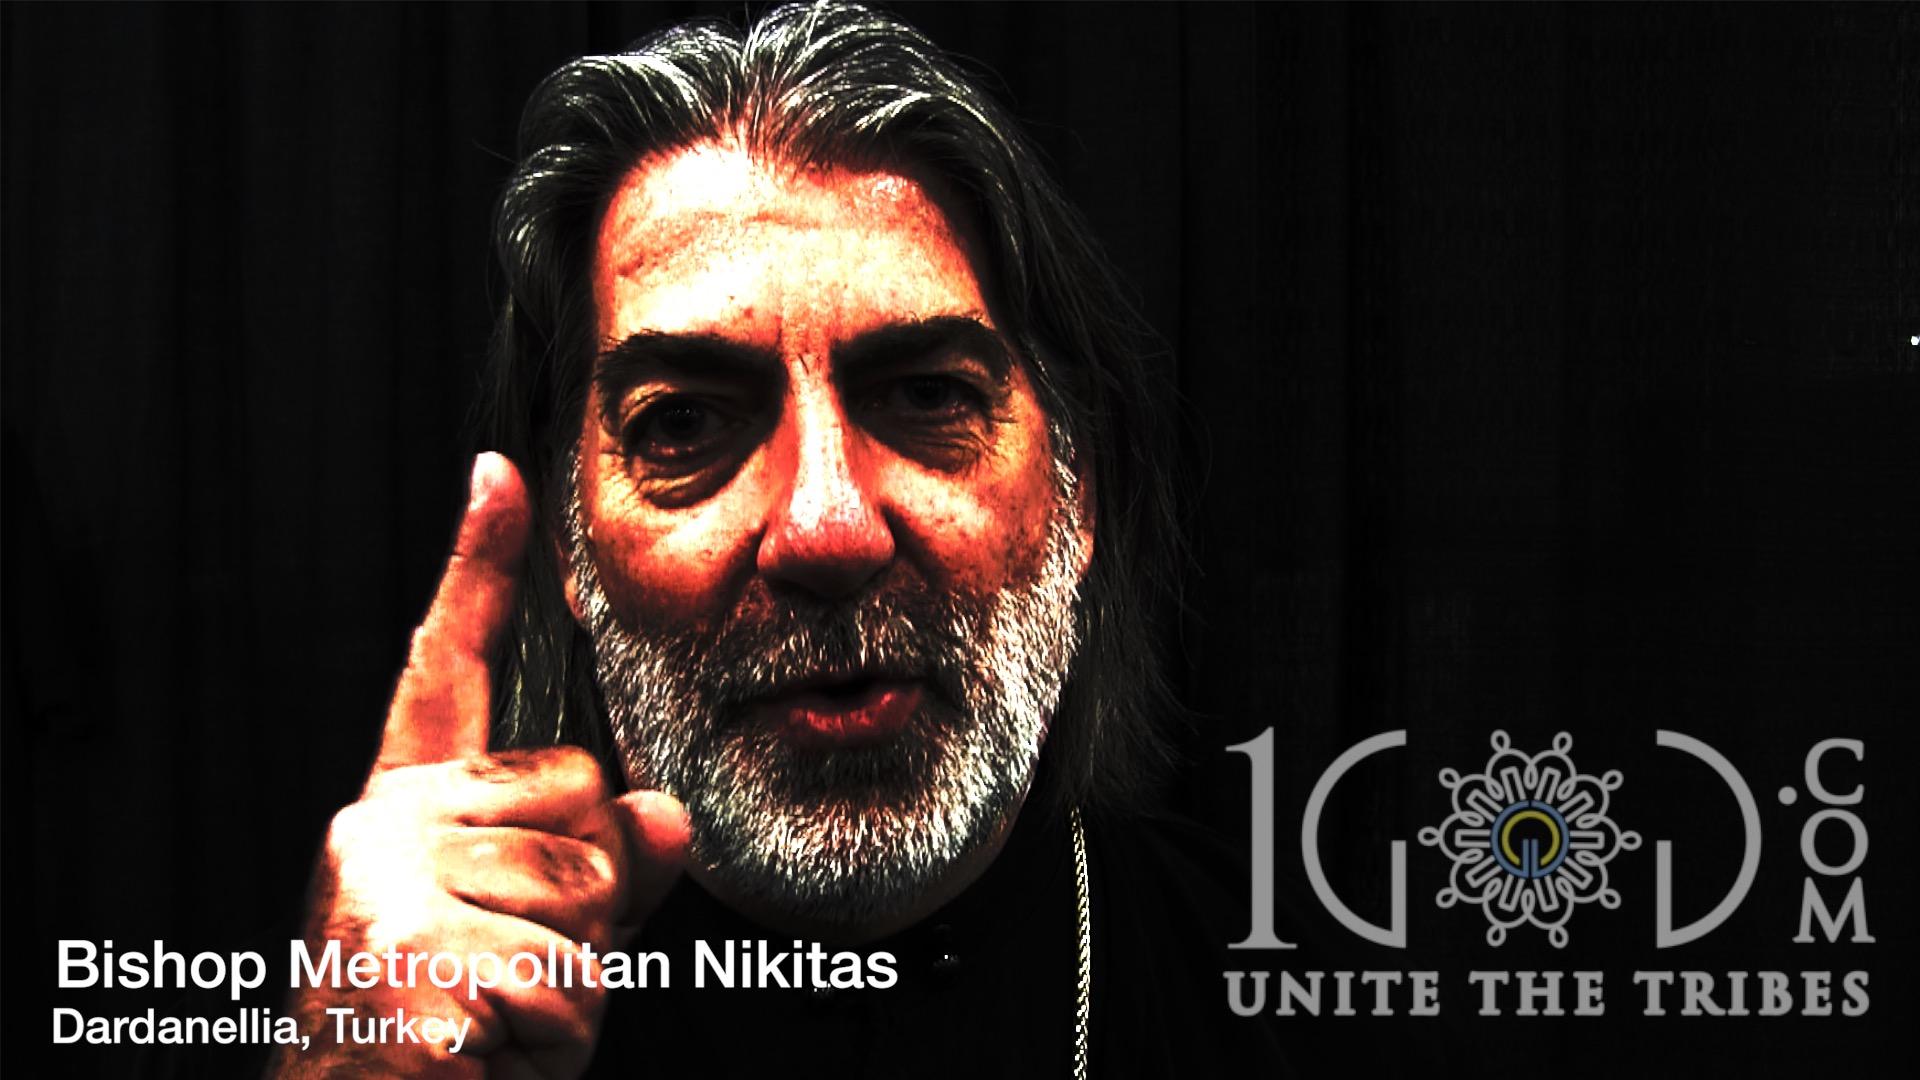 *Bishop Metropolitan Nikitas